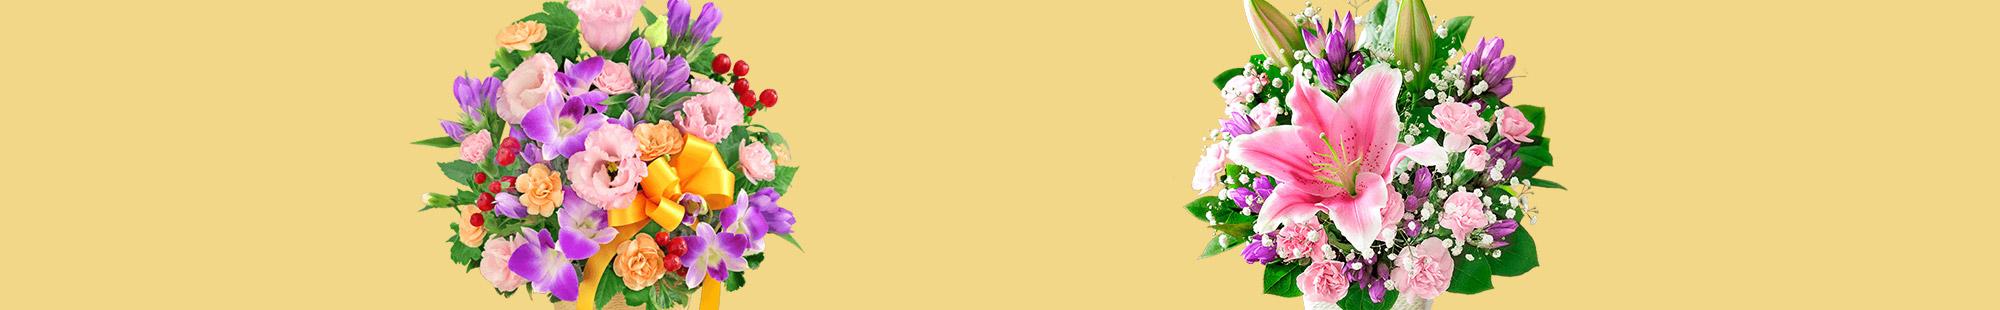 花キューピットの敬老の日 フラワーギフト特集2020